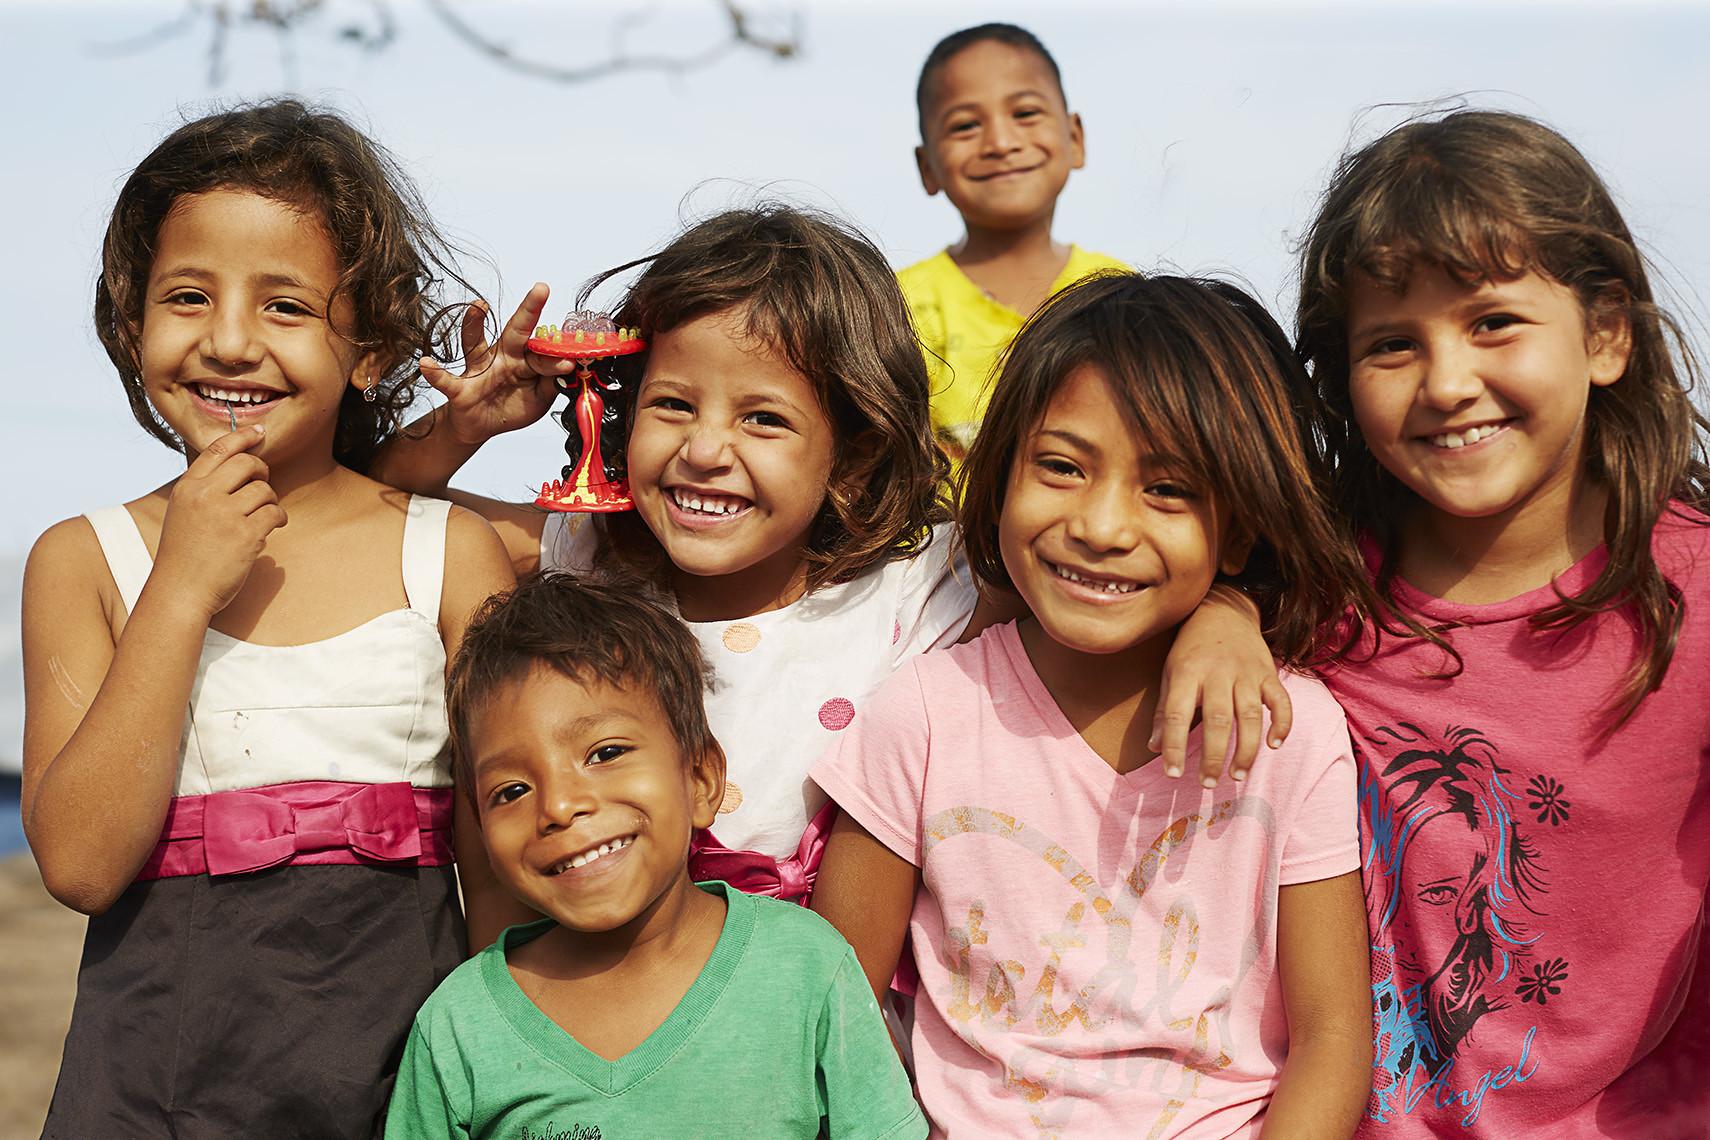 Ecuador_Pedernales_1_Group.jpg